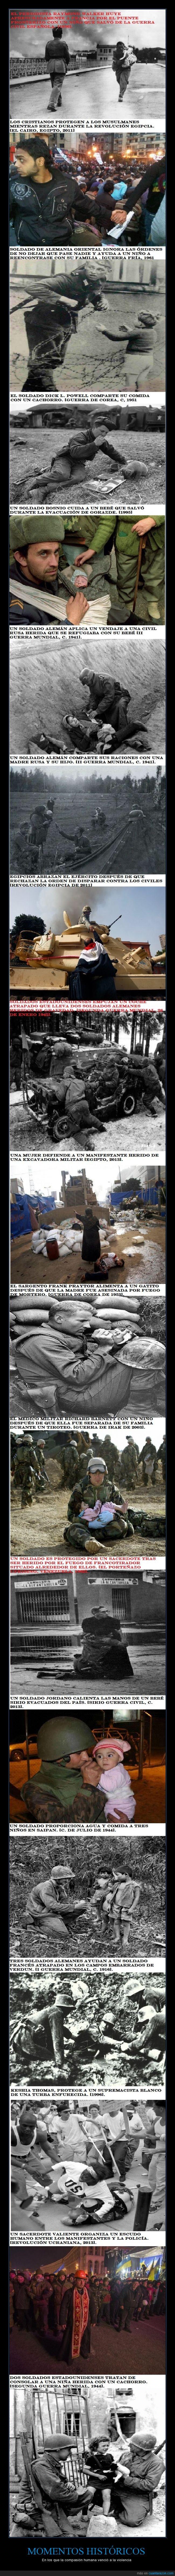 ayudar,compasión,curar,esperanza,guerra,momentos,salvar,soldado,soldados